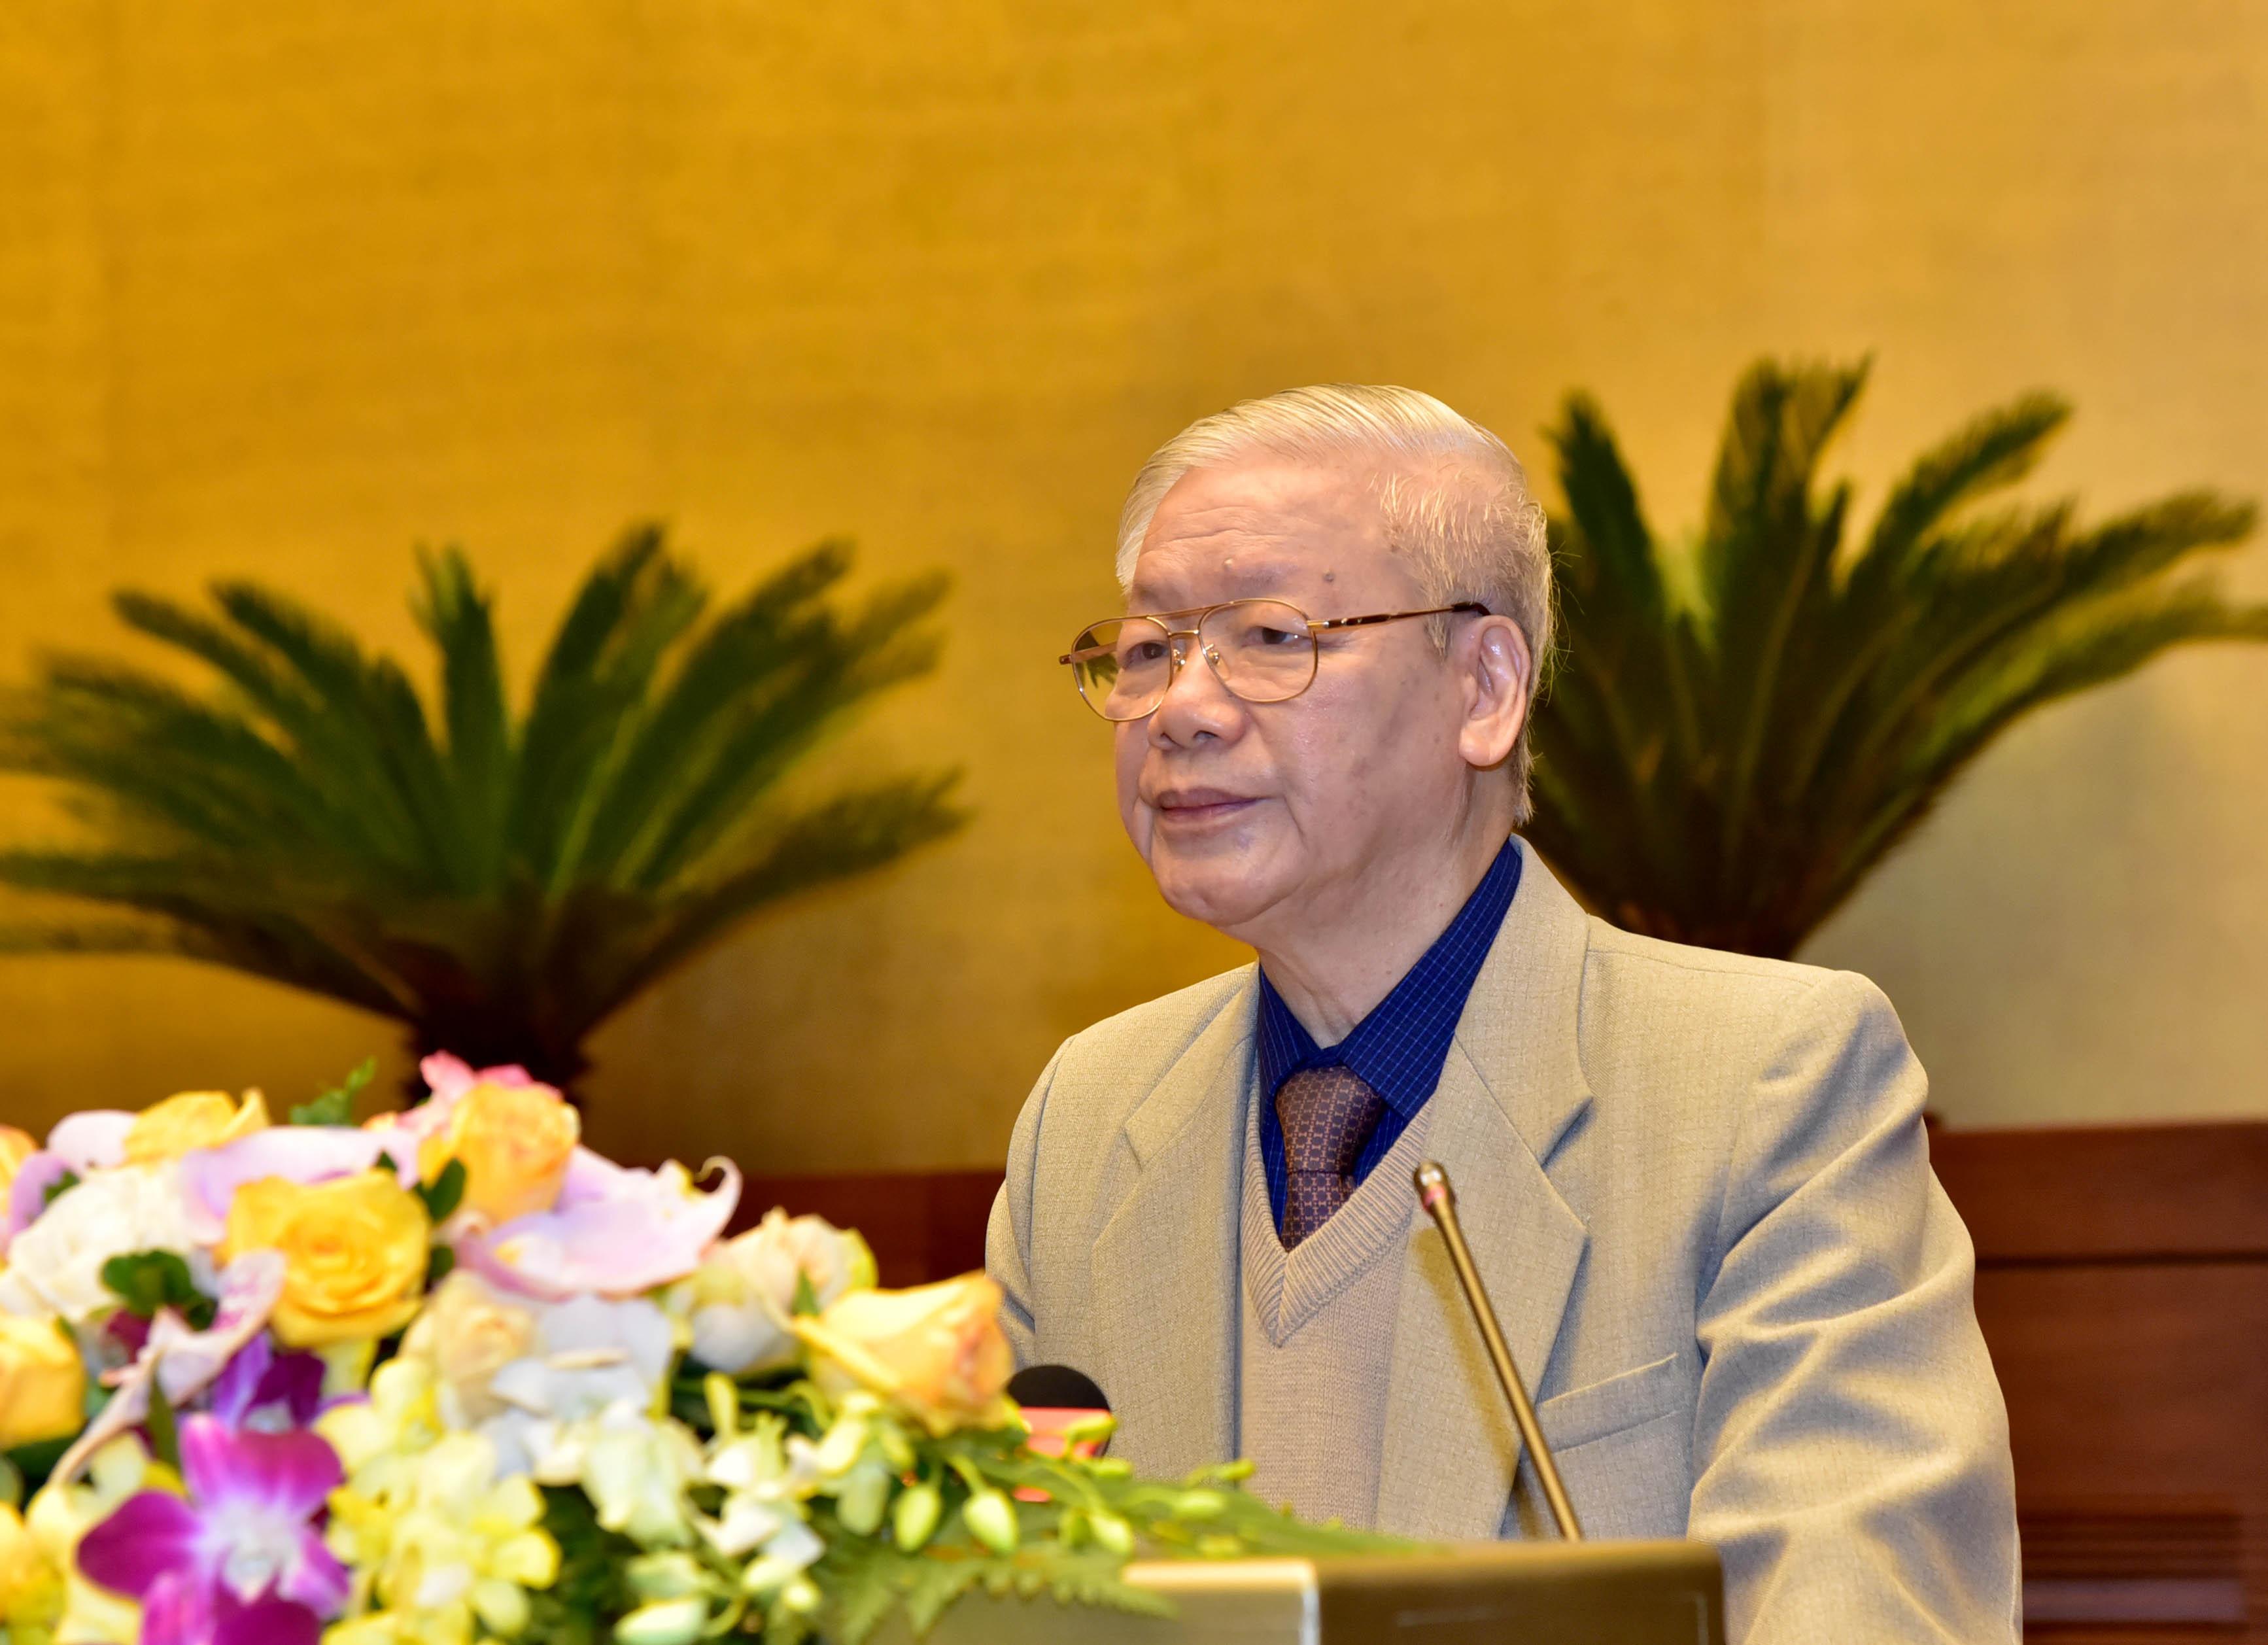 Tổng Bí thư, Chủ tịch Nước Nguyễn Phú Trọng dự, phát biểu chỉ đạo Hội nghị trực tuyến toàn quốc triển khai công tác bầu cử